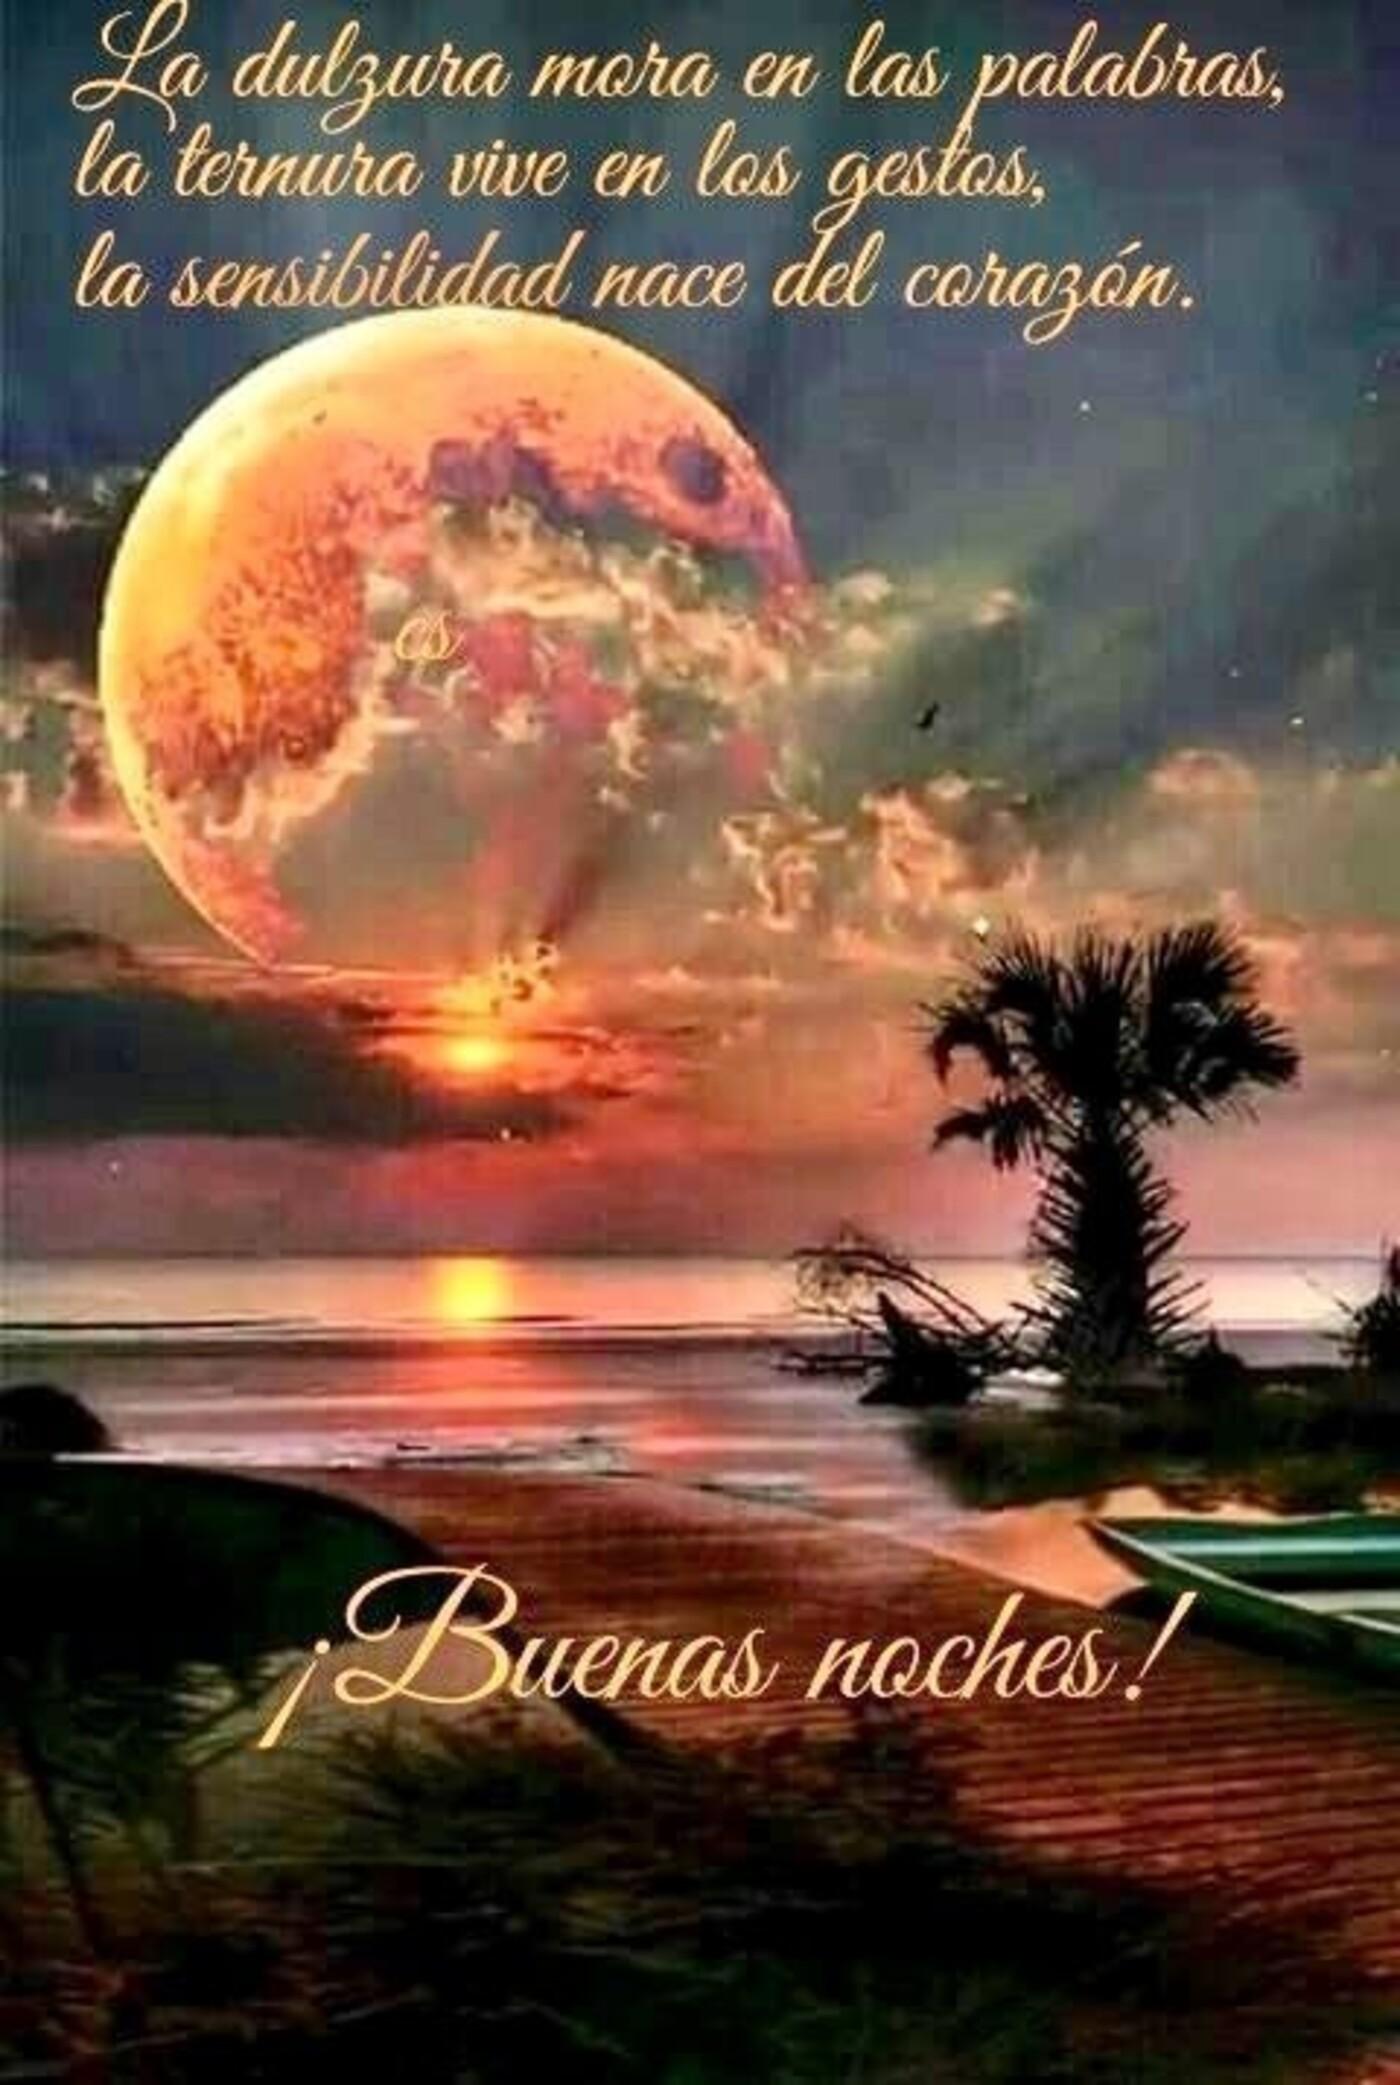 La dulzura mora en las palabras, la ternura vive en los gestos, la sensibilidad nace nel corazón. Buenas Noches!!